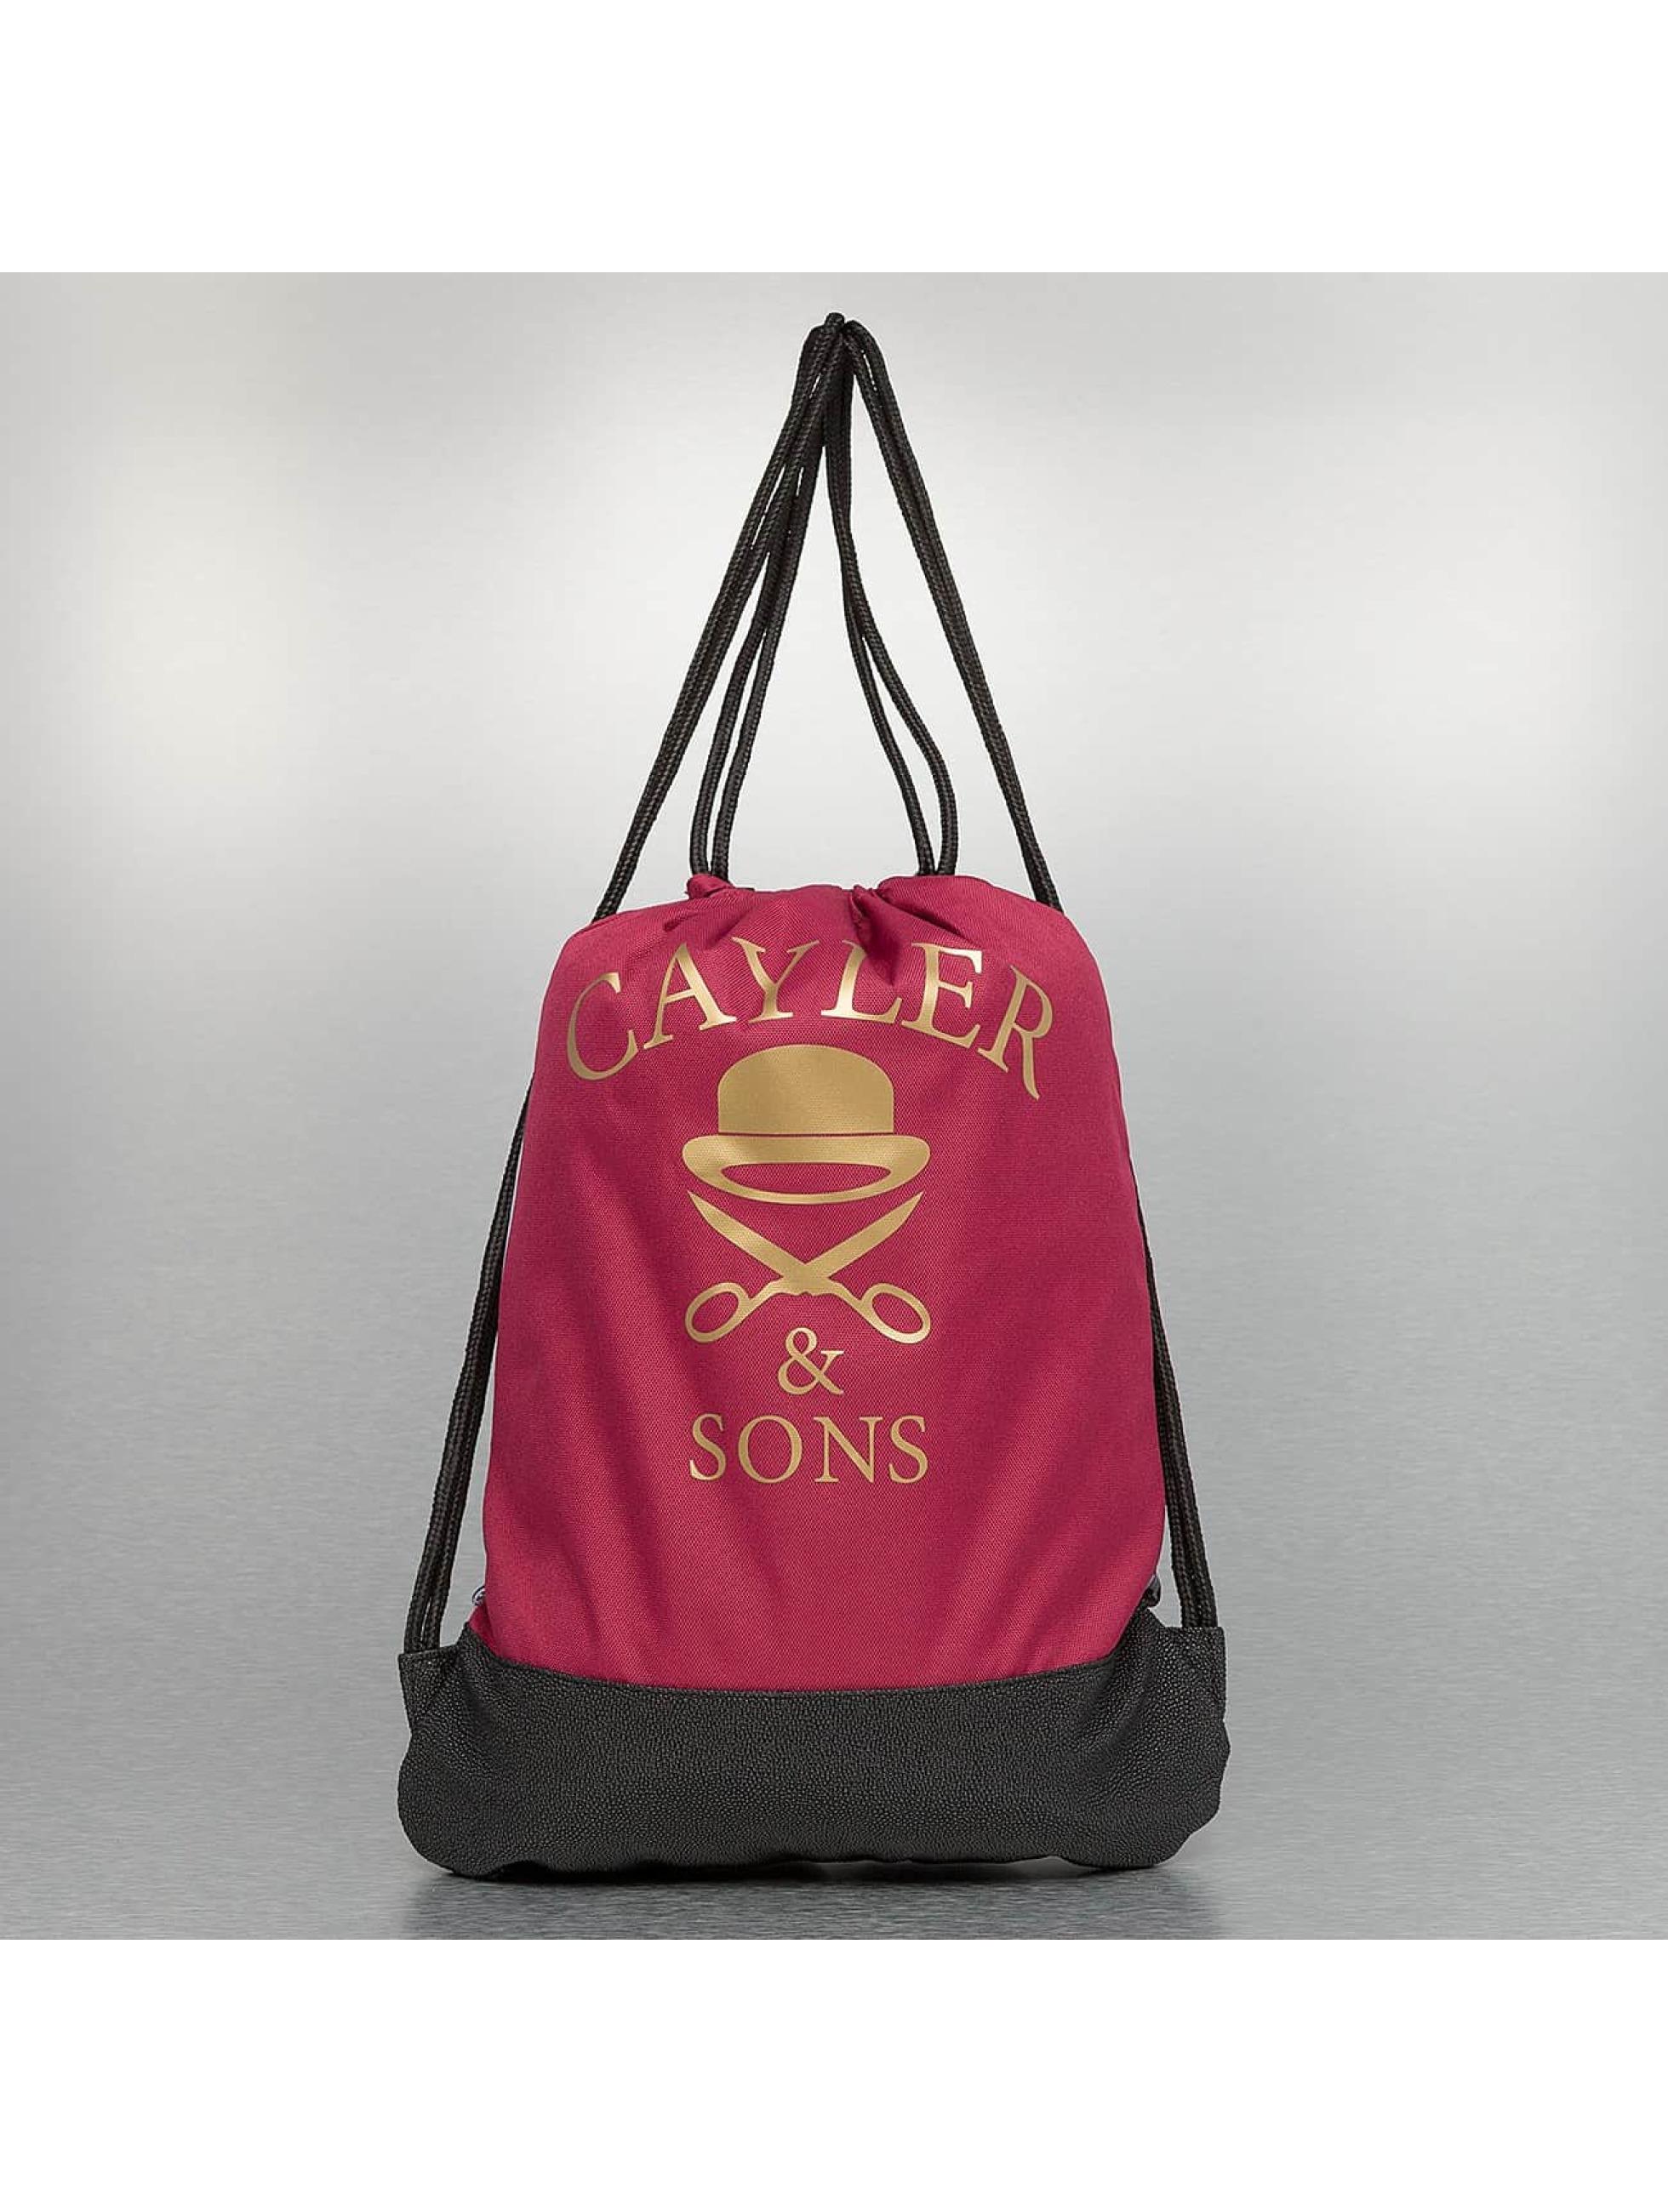 Cayler & Sons Sac à cordons White Label Paris Skyline rouge